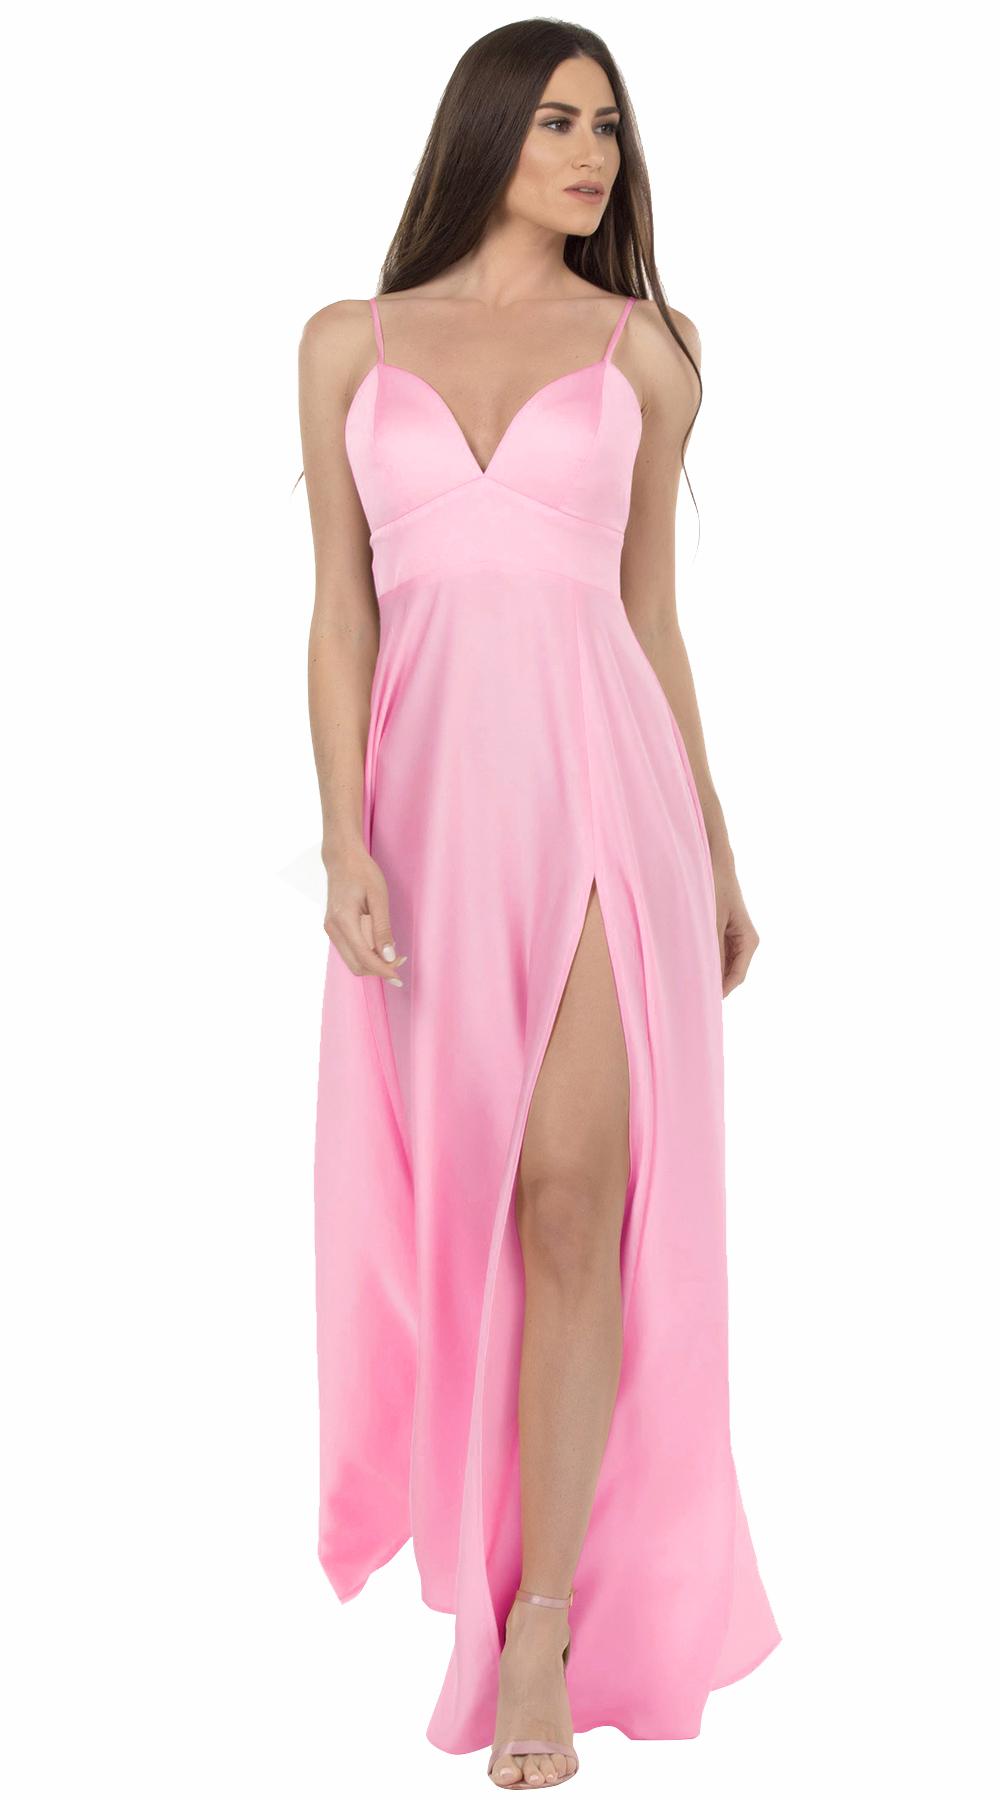 Μάξι φόρεμα με τιραντάκι Glam Pastel Online - ONLINE - SP18ON-56126 glam occassions wedding shop